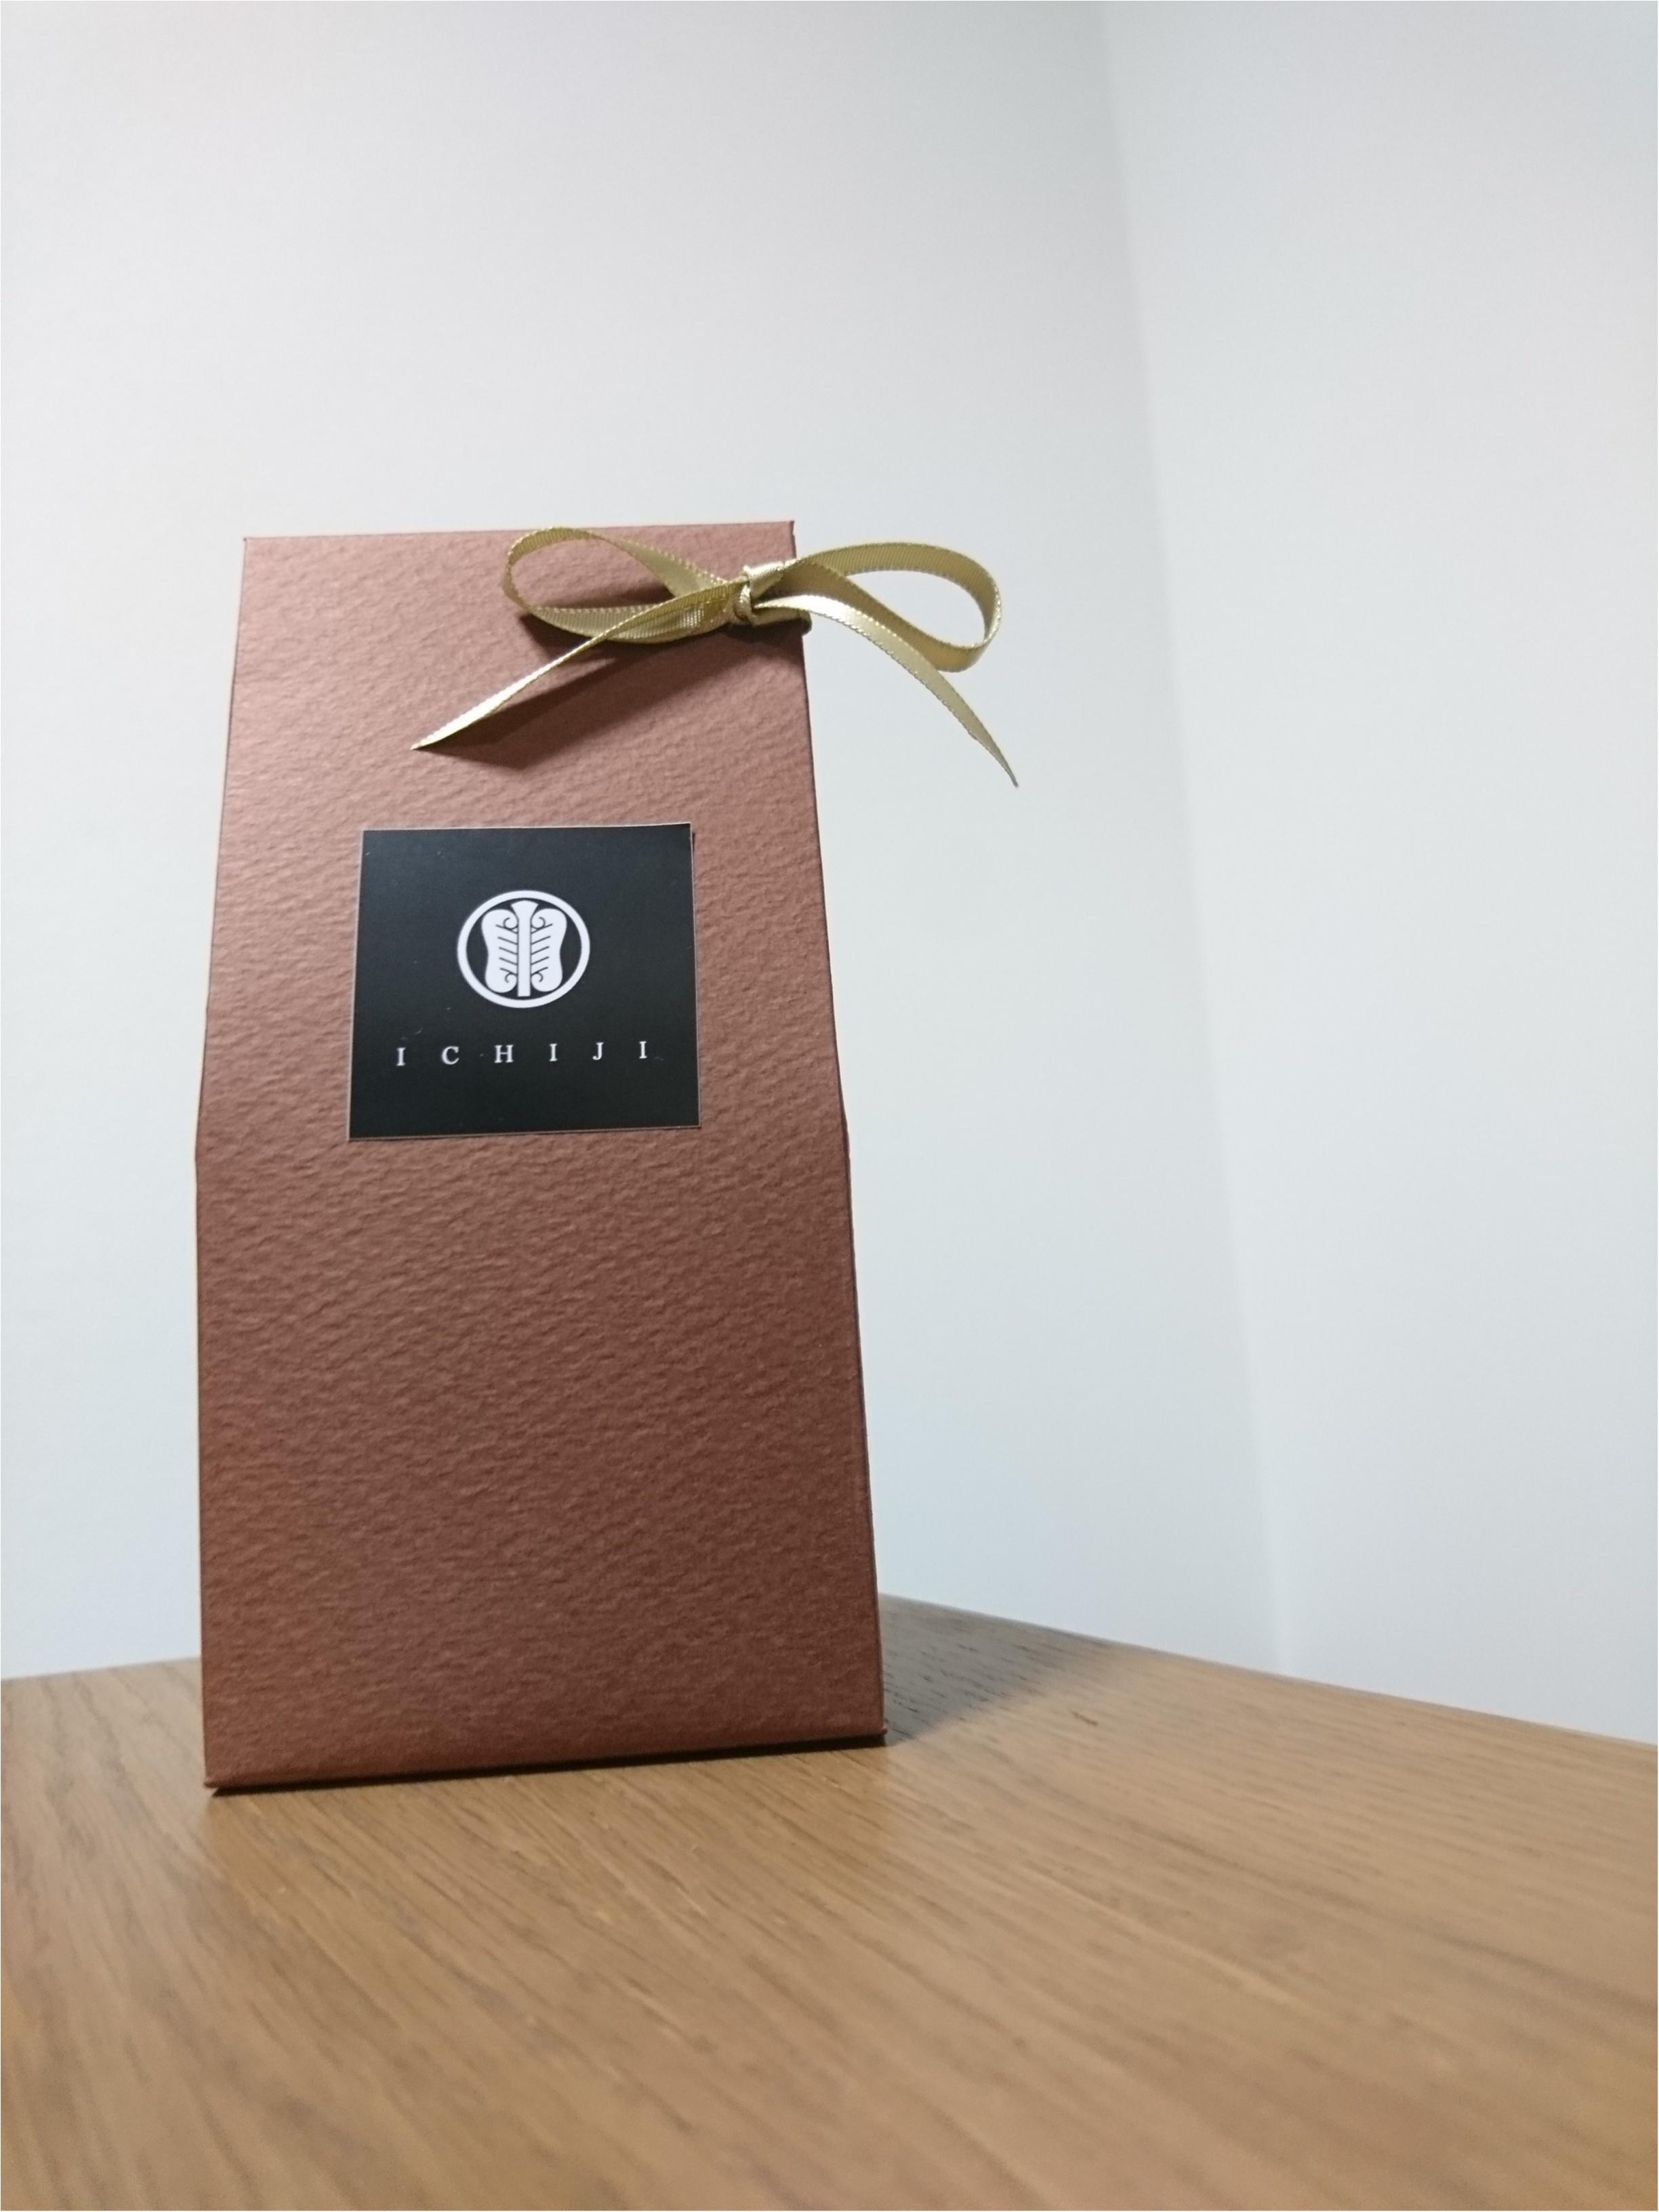 カフェ 芦屋 チョコレート ICHIJI